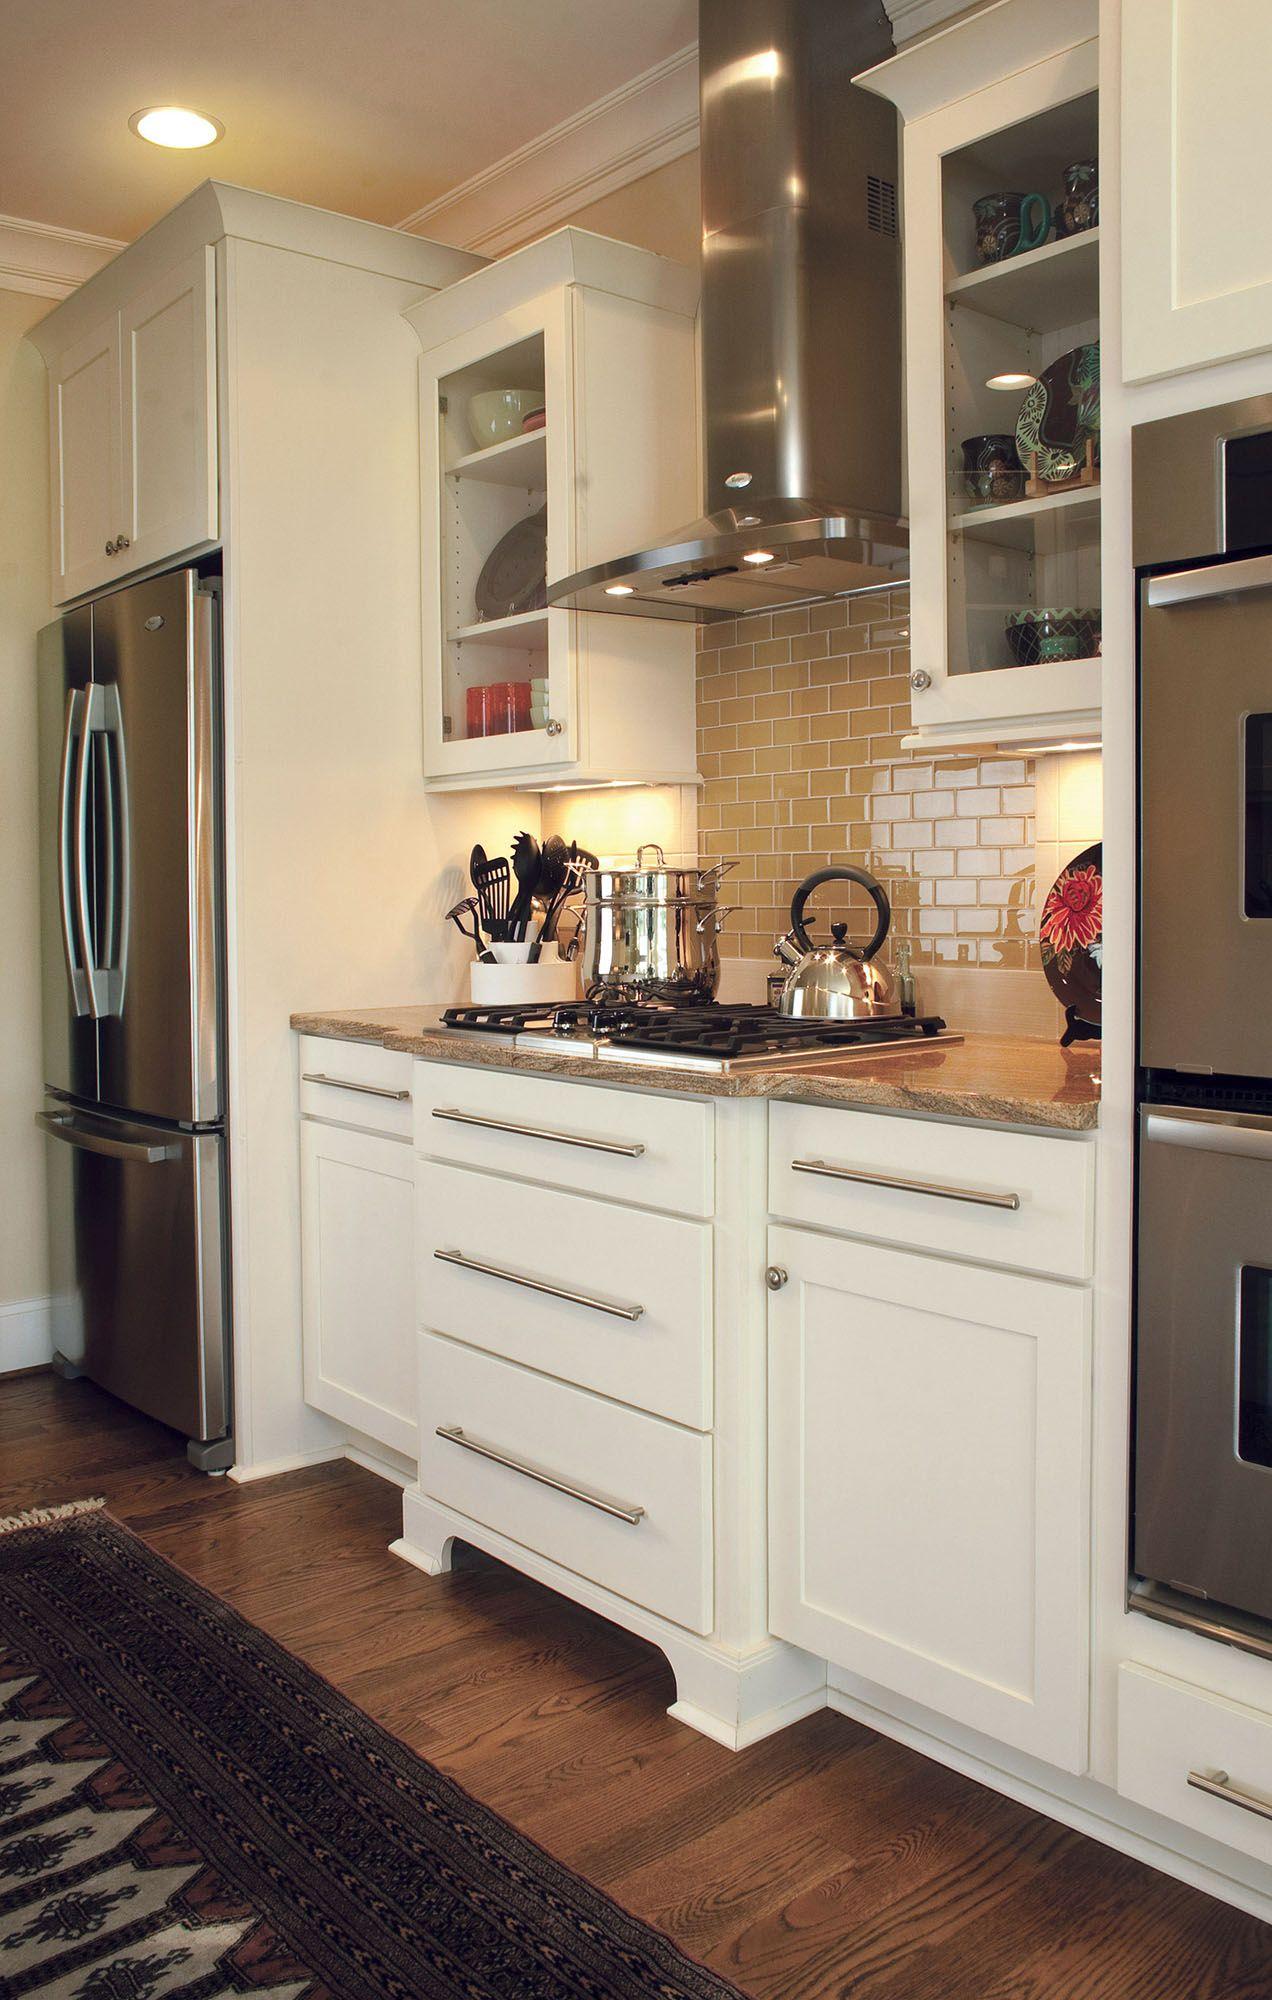 shaker Küche Kabinett hardware - Cabinet Hardware Wird persönlich ...